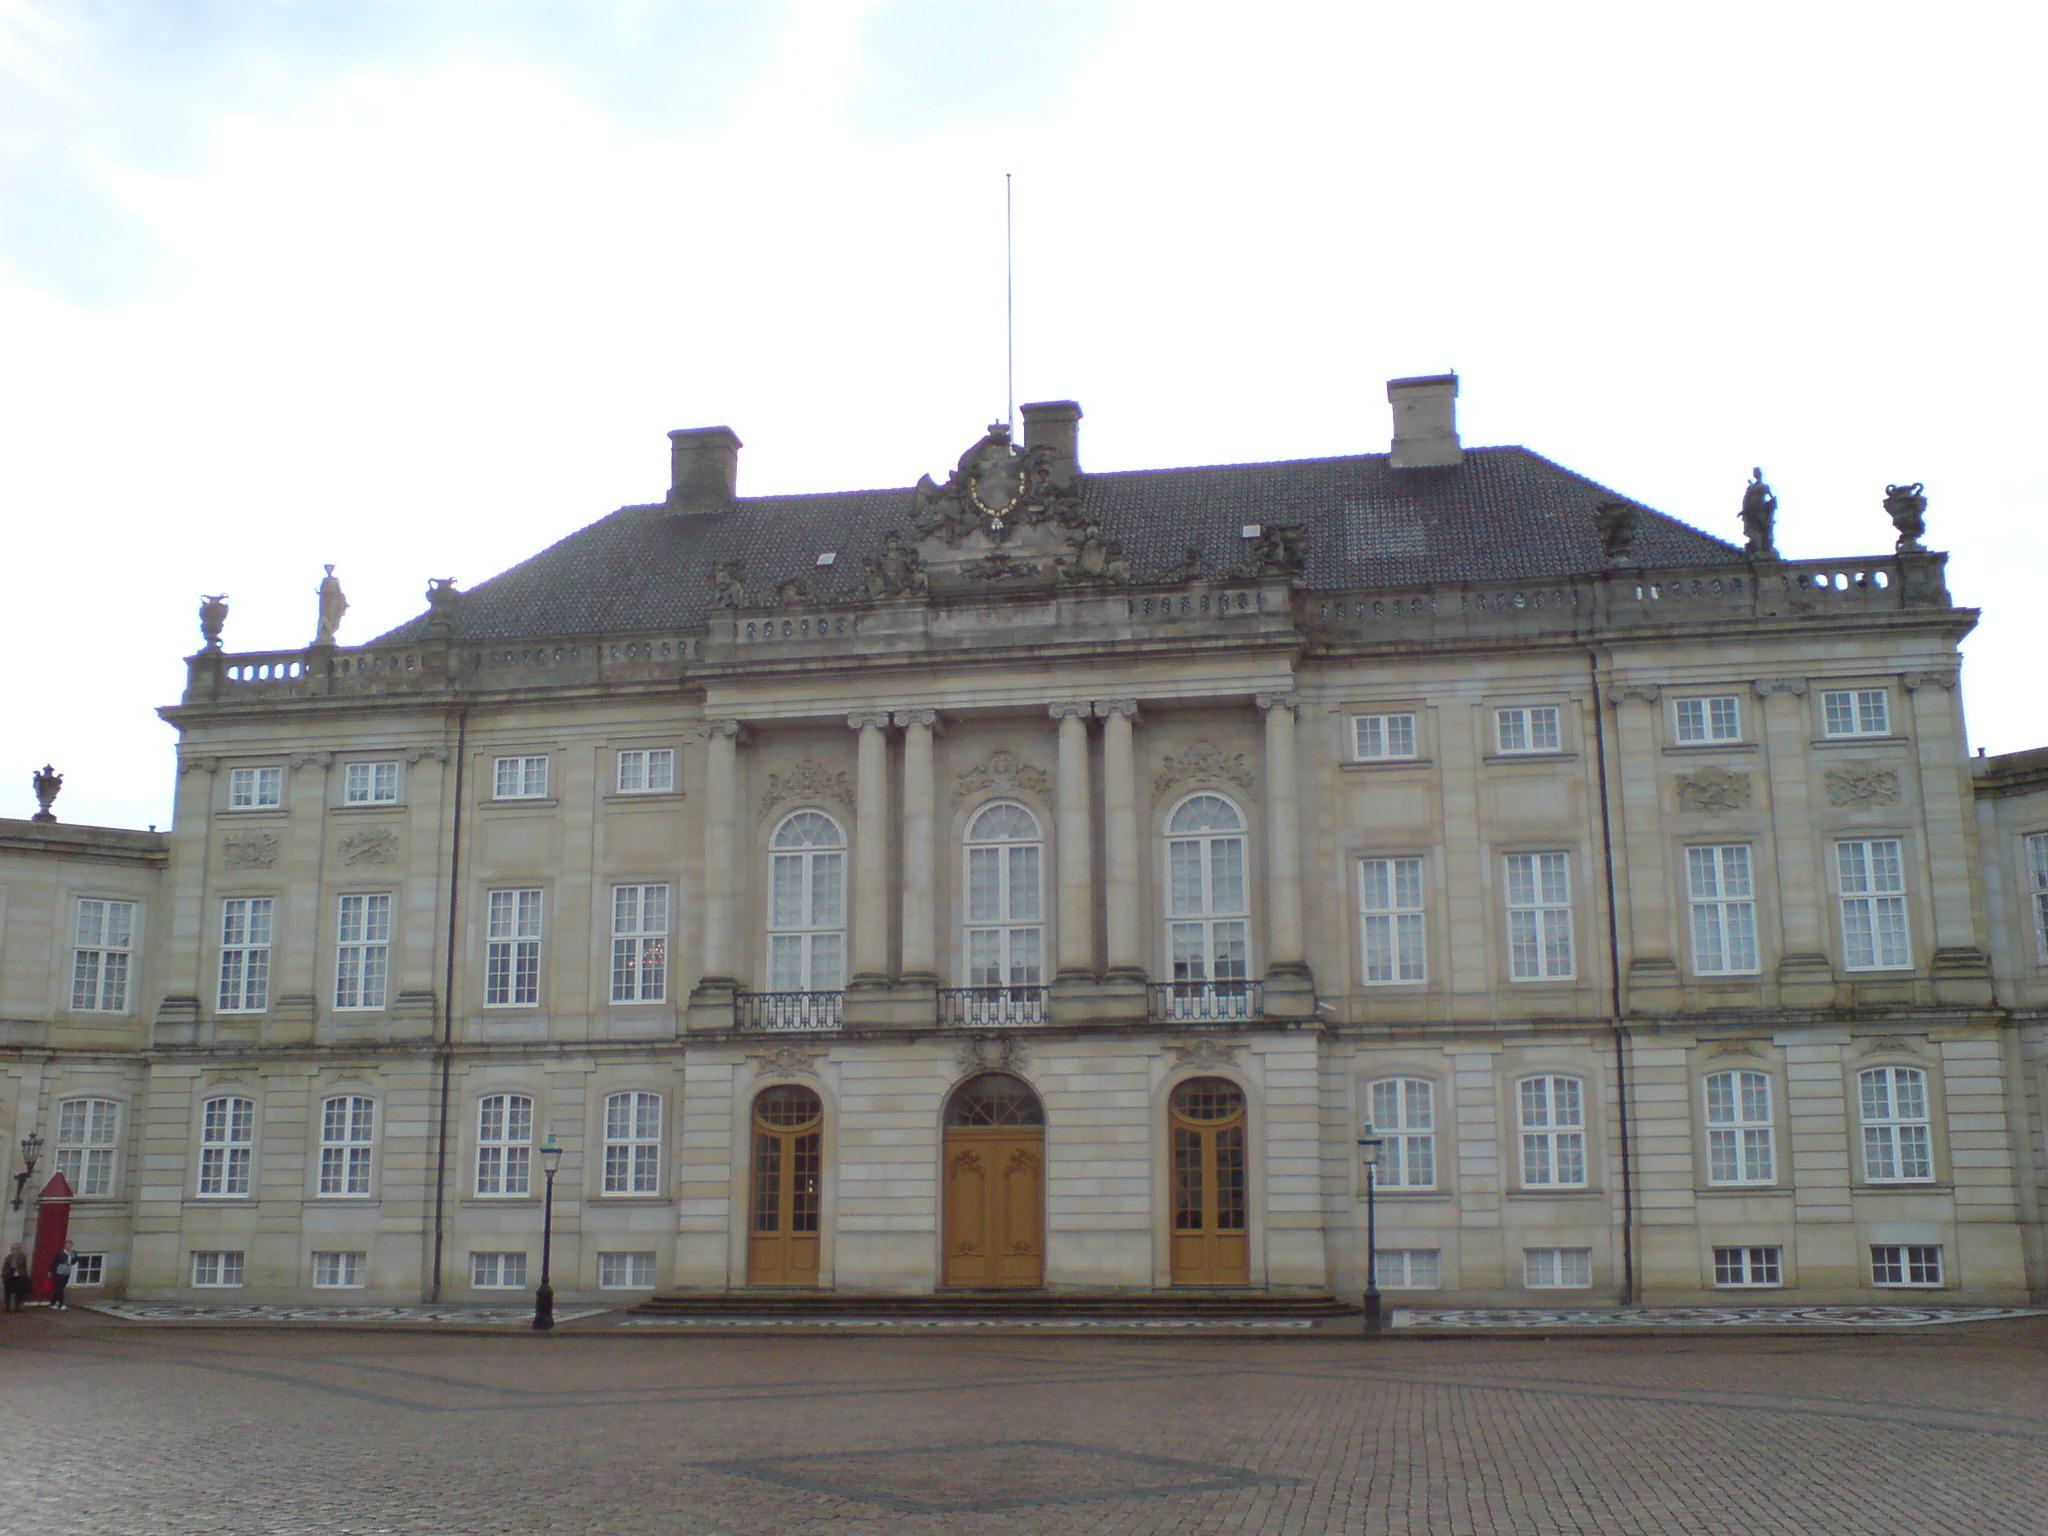 Dateichristian Viis Palæjpg Wikipedia